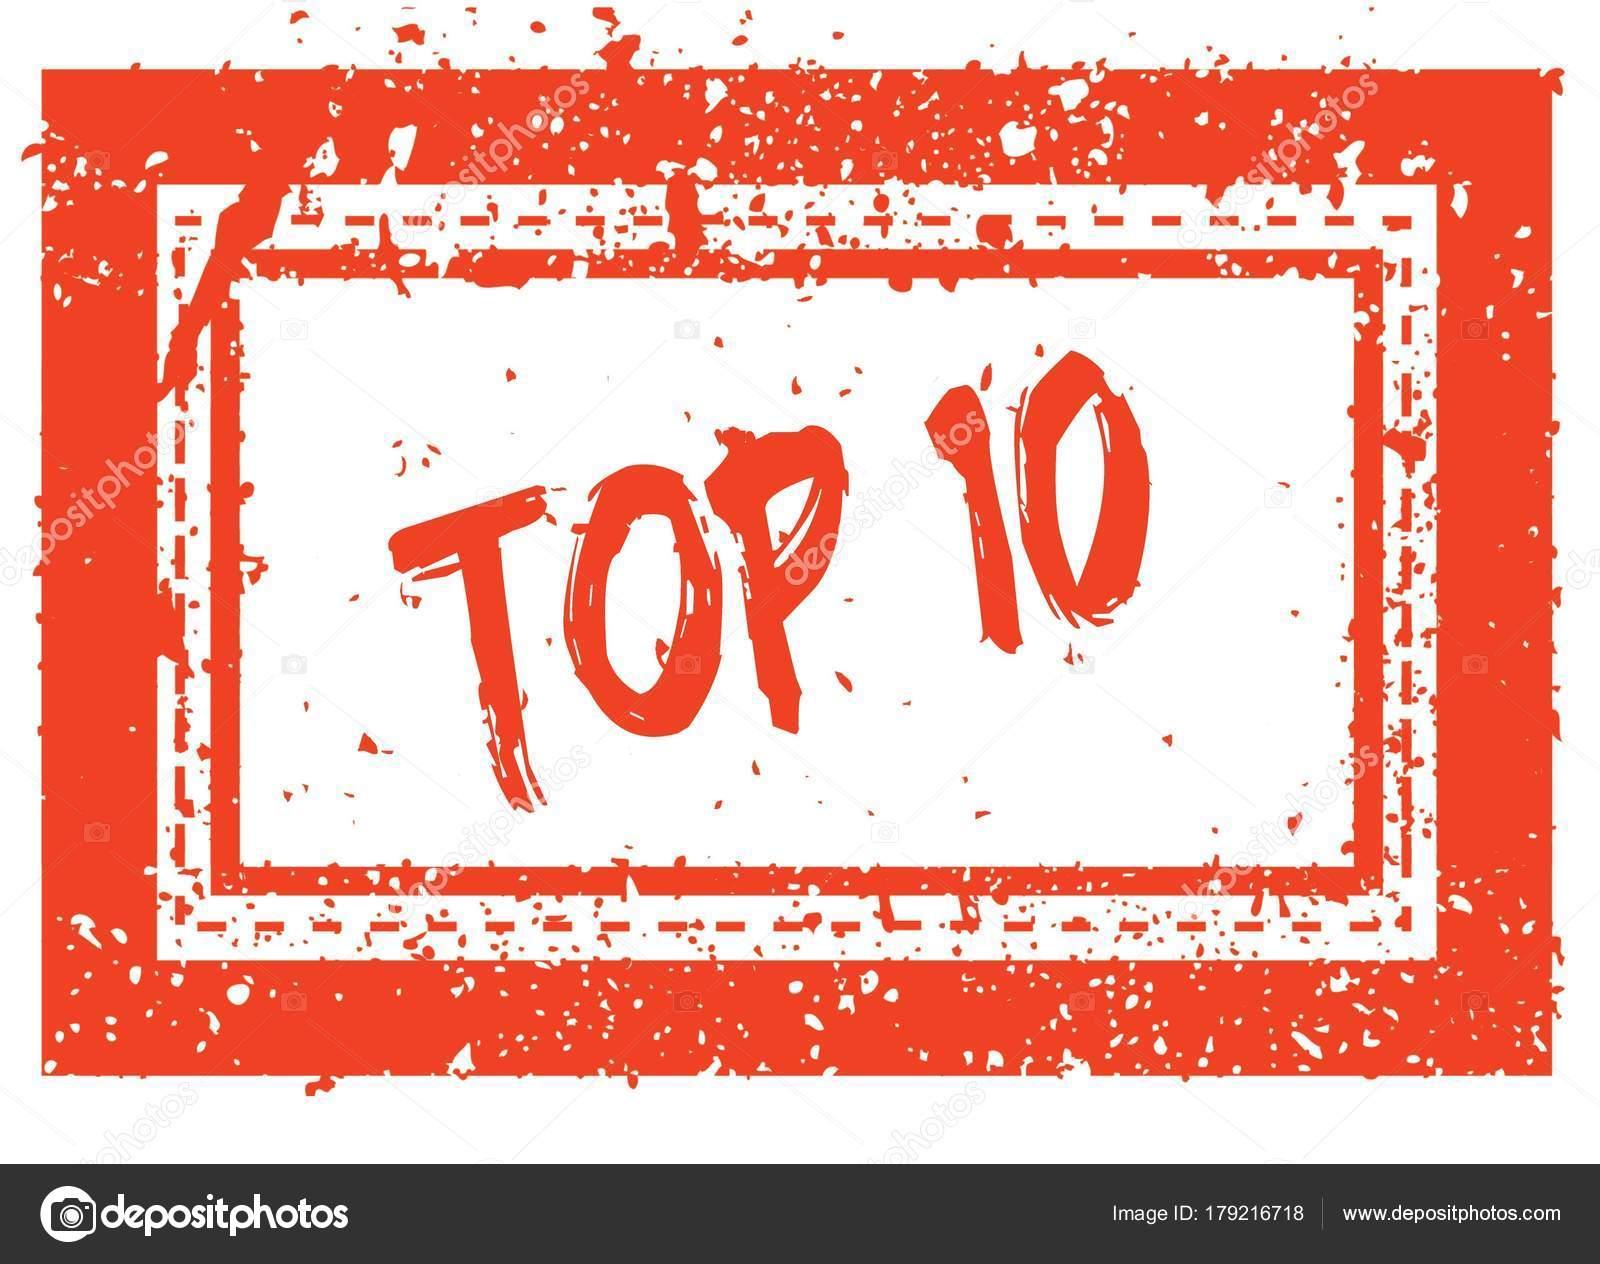 Top 10 en el sello de goma de marco cuadrado naranja con textura ...